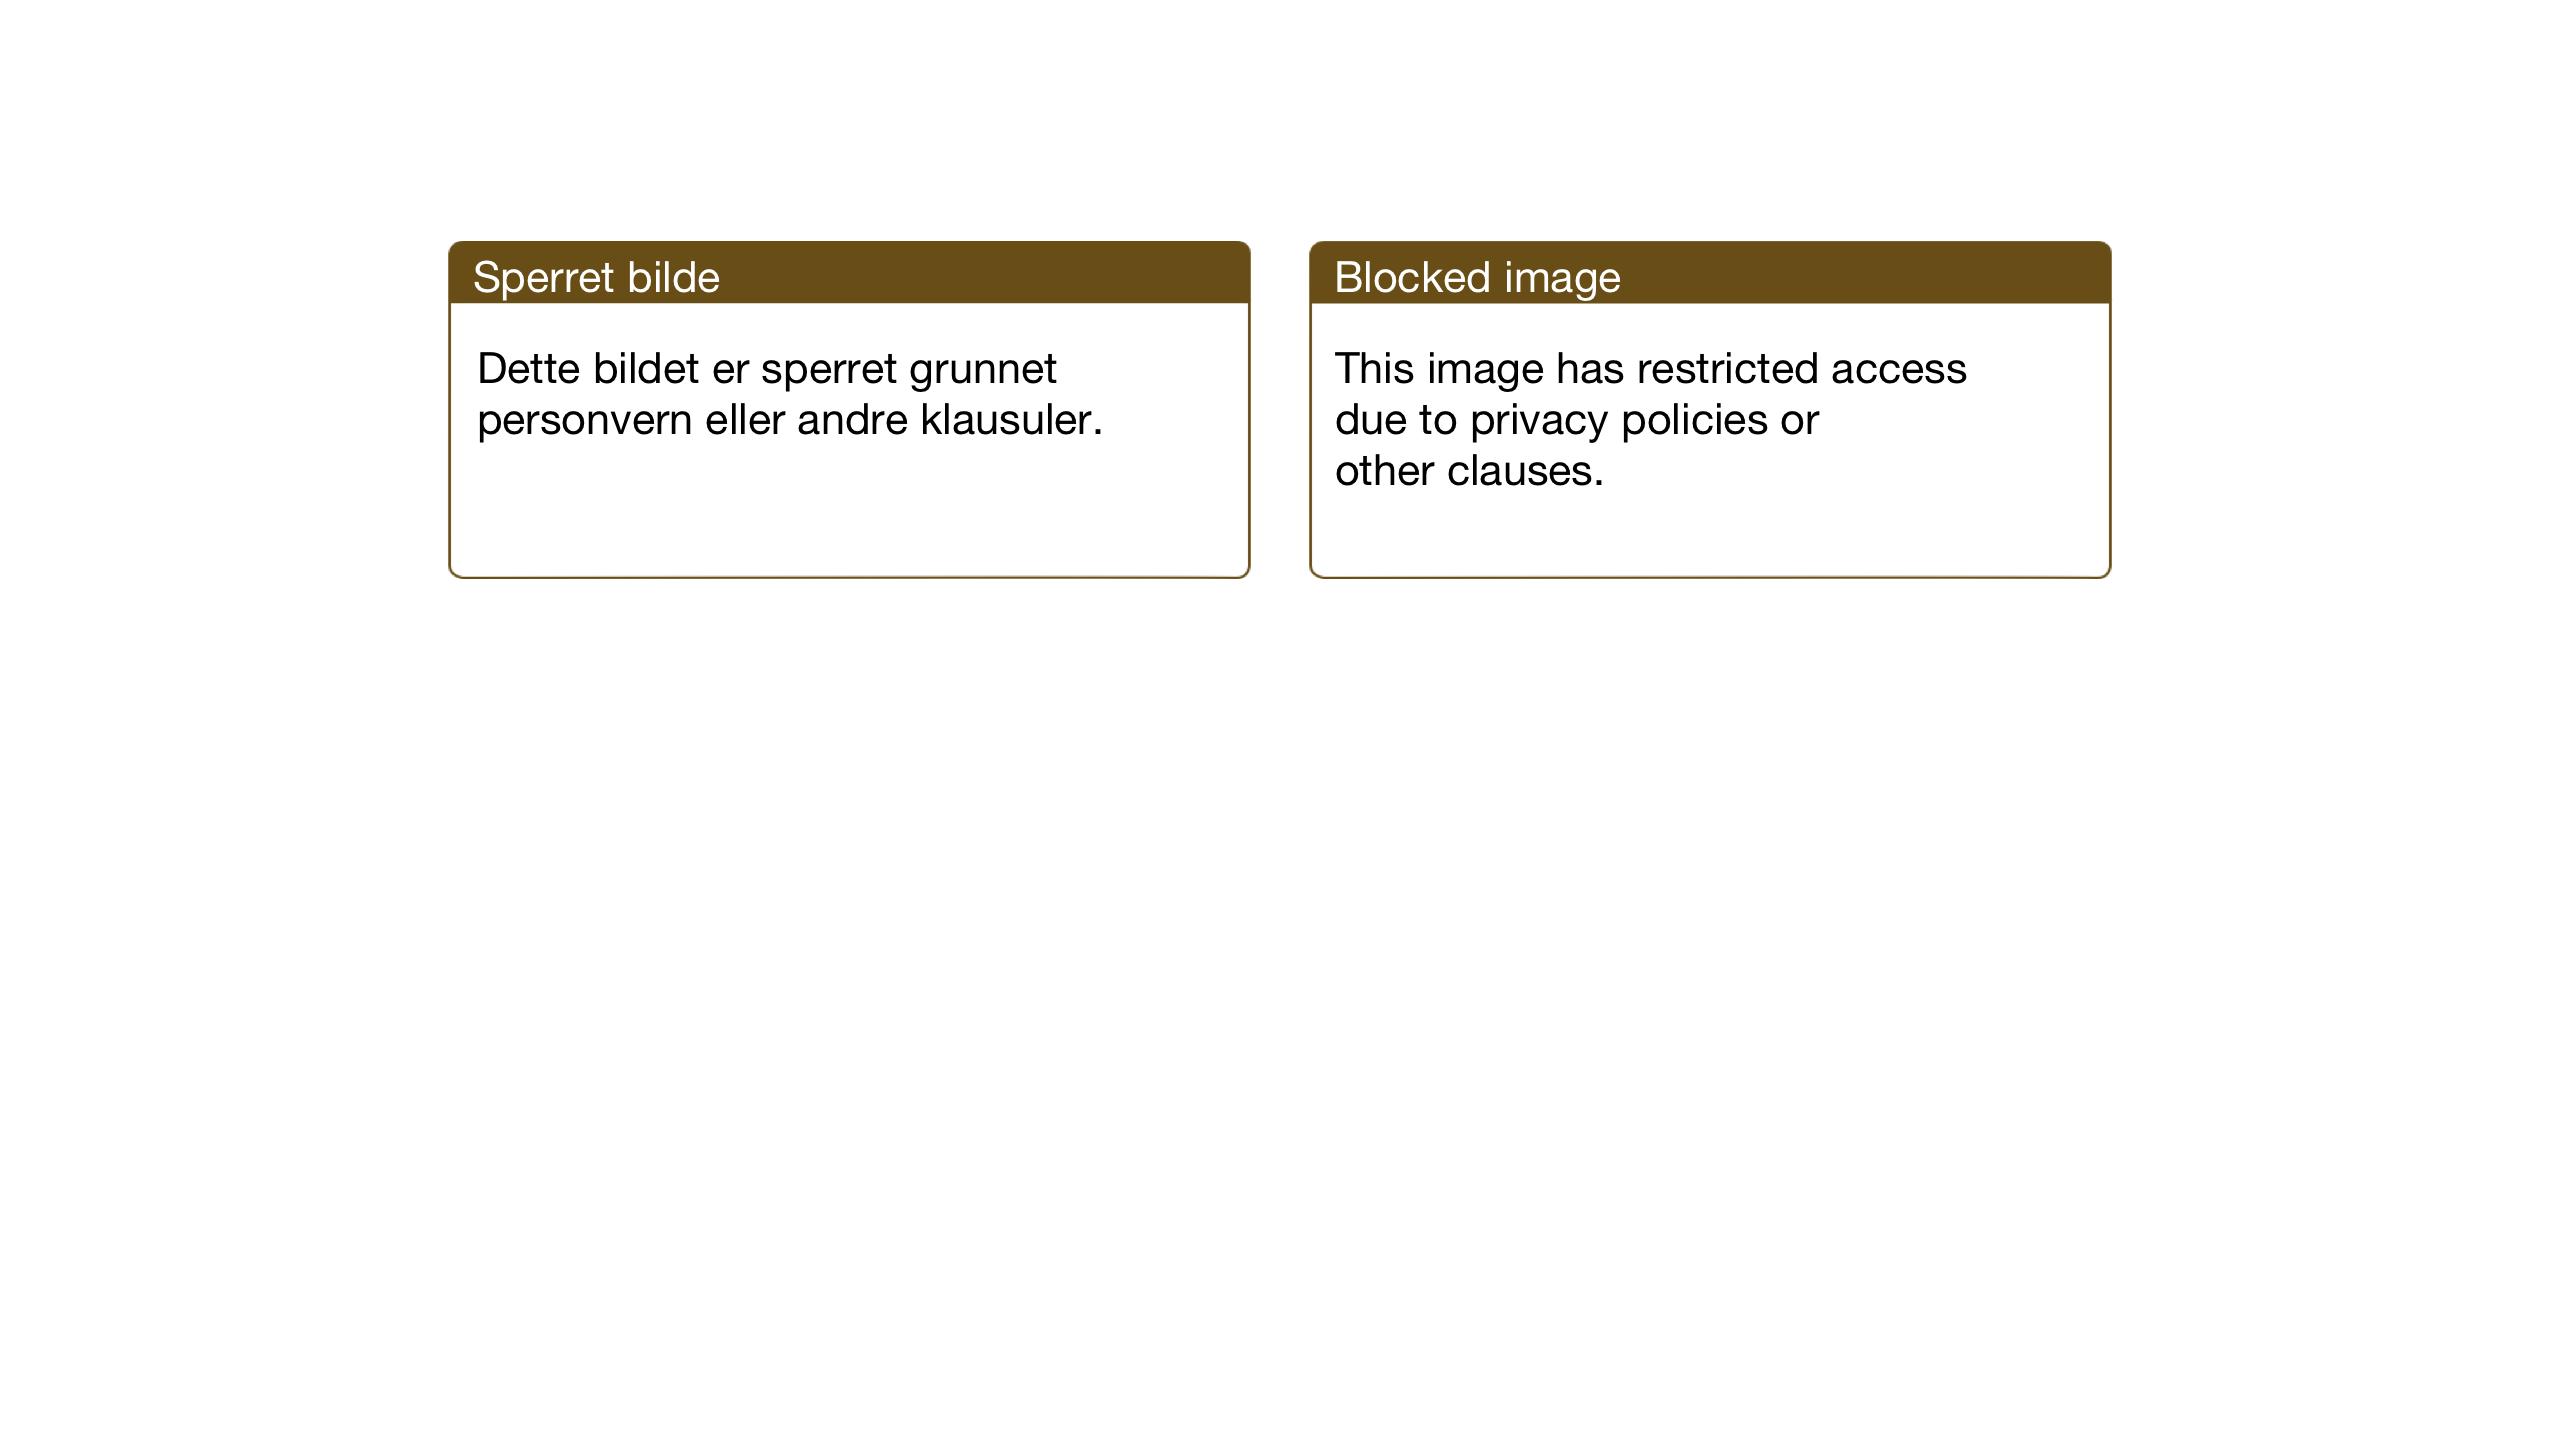 SAT, Ministerialprotokoller, klokkerbøker og fødselsregistre - Nord-Trøndelag, 733/L0328: Klokkerbok nr. 733C03, 1919-1966, s. 25